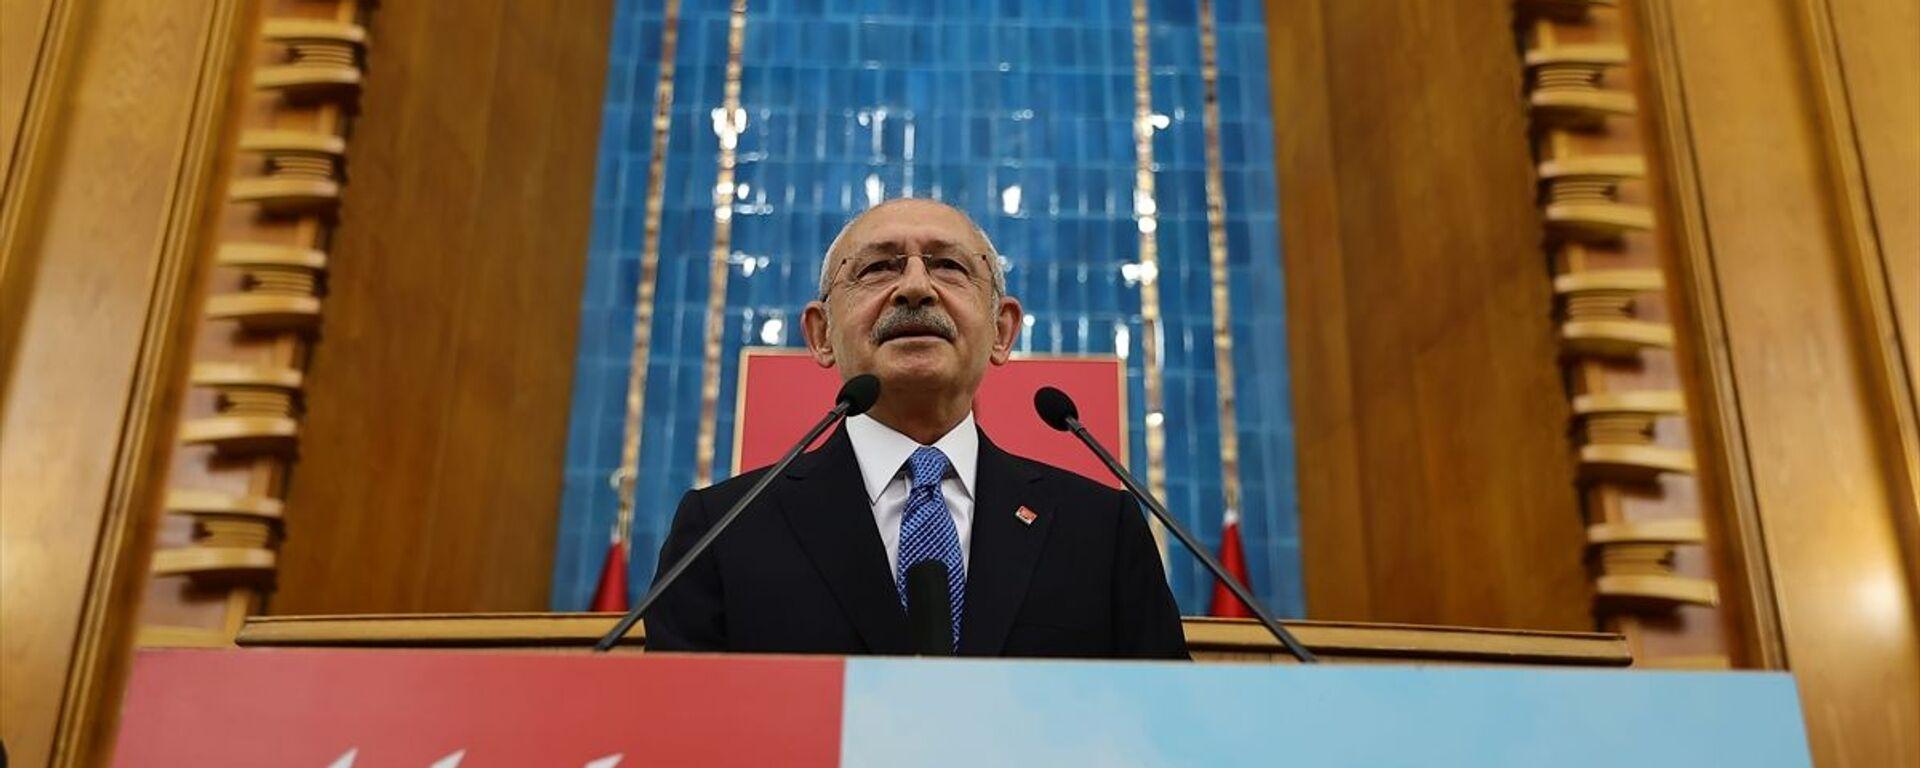 Kemal Kılıçdaroğlu - Sputnik Türkiye, 1920, 29.06.2021